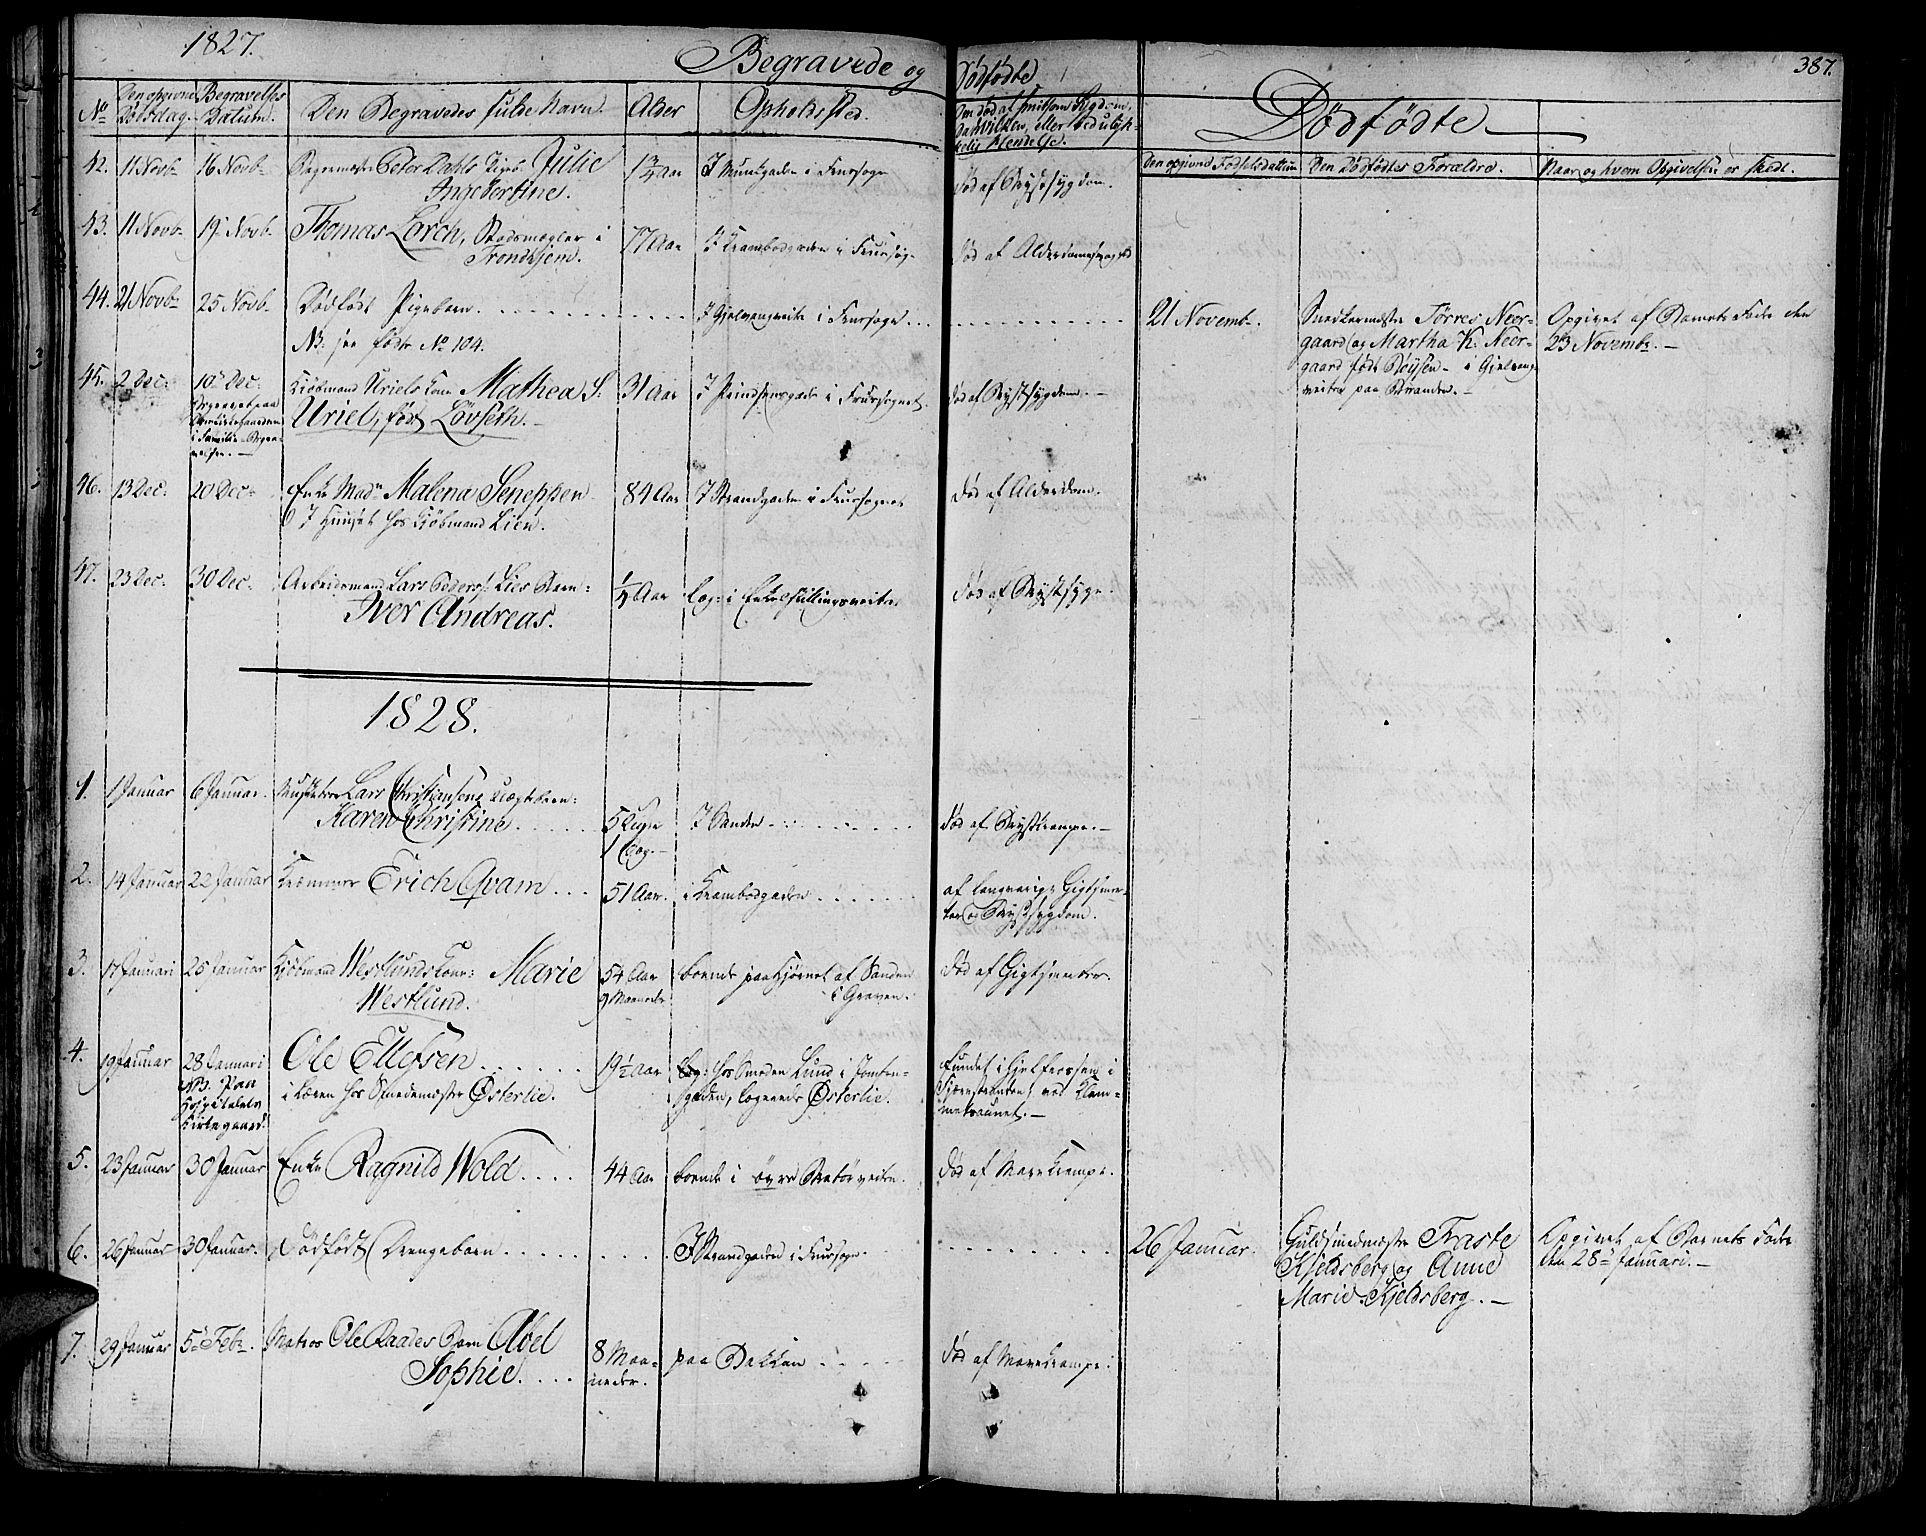 SAT, Ministerialprotokoller, klokkerbøker og fødselsregistre - Sør-Trøndelag, 602/L0109: Ministerialbok nr. 602A07, 1821-1840, s. 387